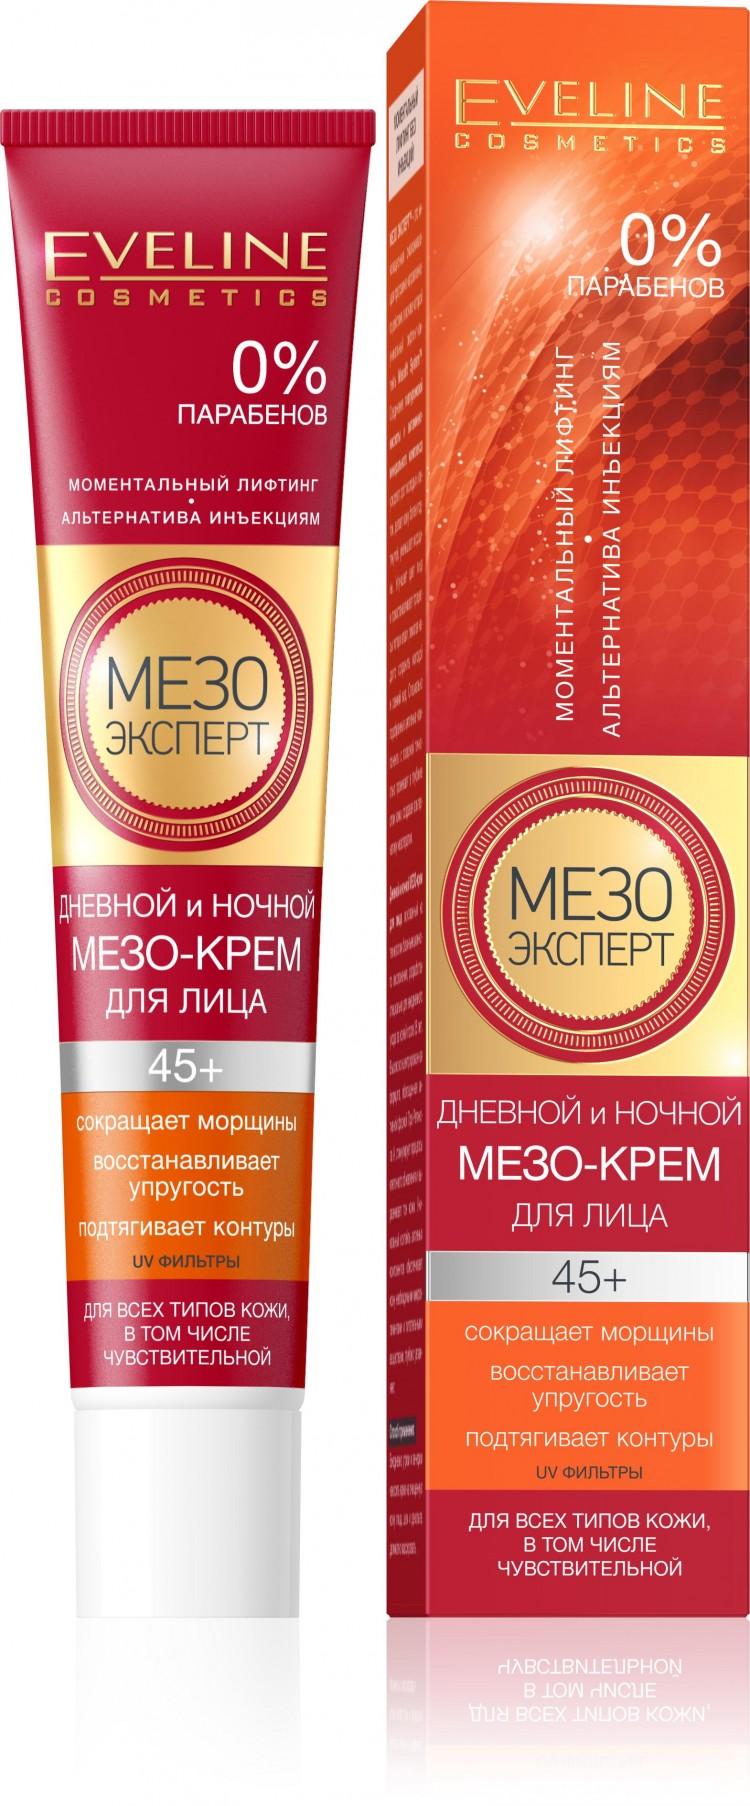 Оптовый каталог парфюмерии, косметики и бытовой химии :: мик парфюм новосибирск.